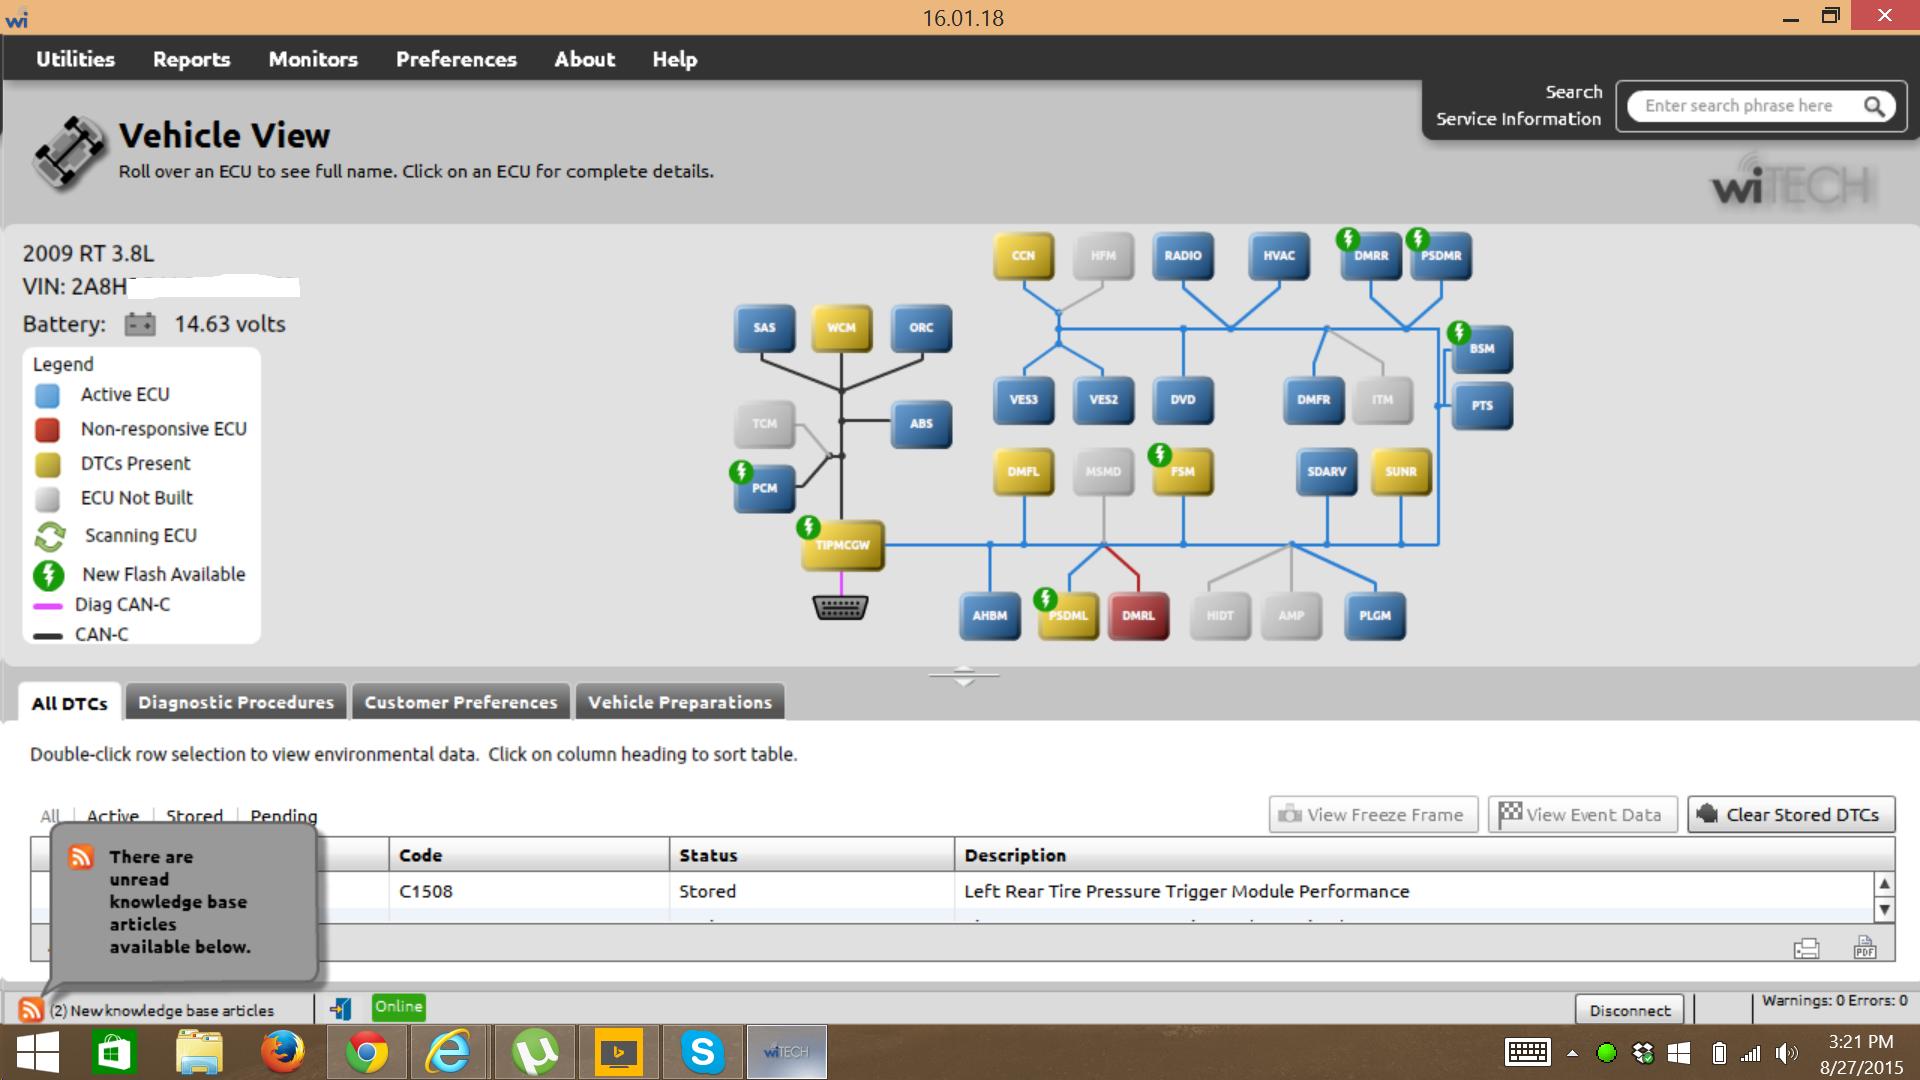 5deff754-d9a7-4671-9d2b-3feb857a289d_WiTech Topography screenshot.png